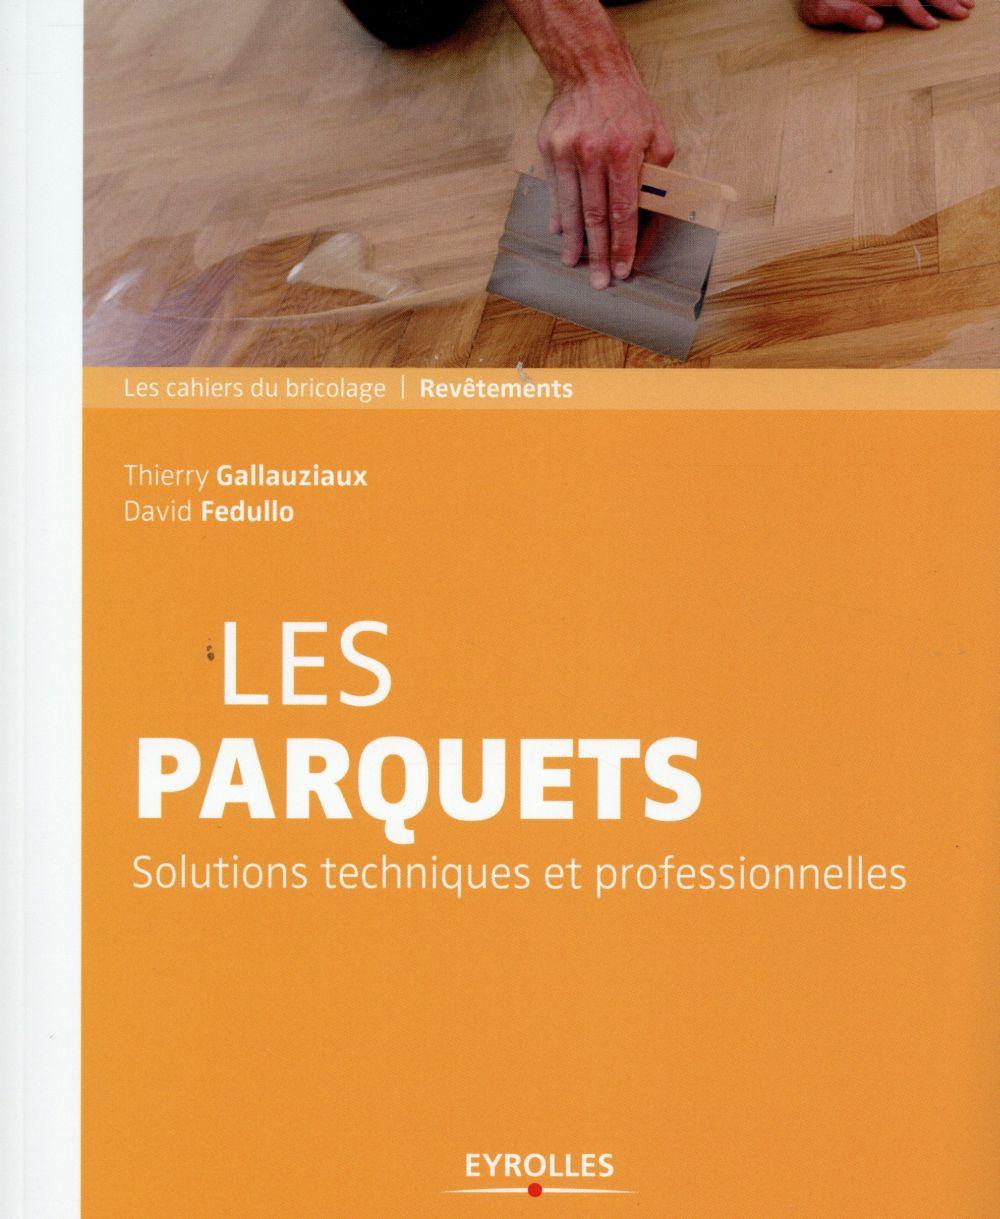 LES PARQUETS SOLUTIONS TECHNIQUES ET PROFESSIONNELLES - SOLUTIONS ET TECHNIQUES PROFESSIONNELLES. GALLAUZIAUX T FEDULLO D Eyrolles